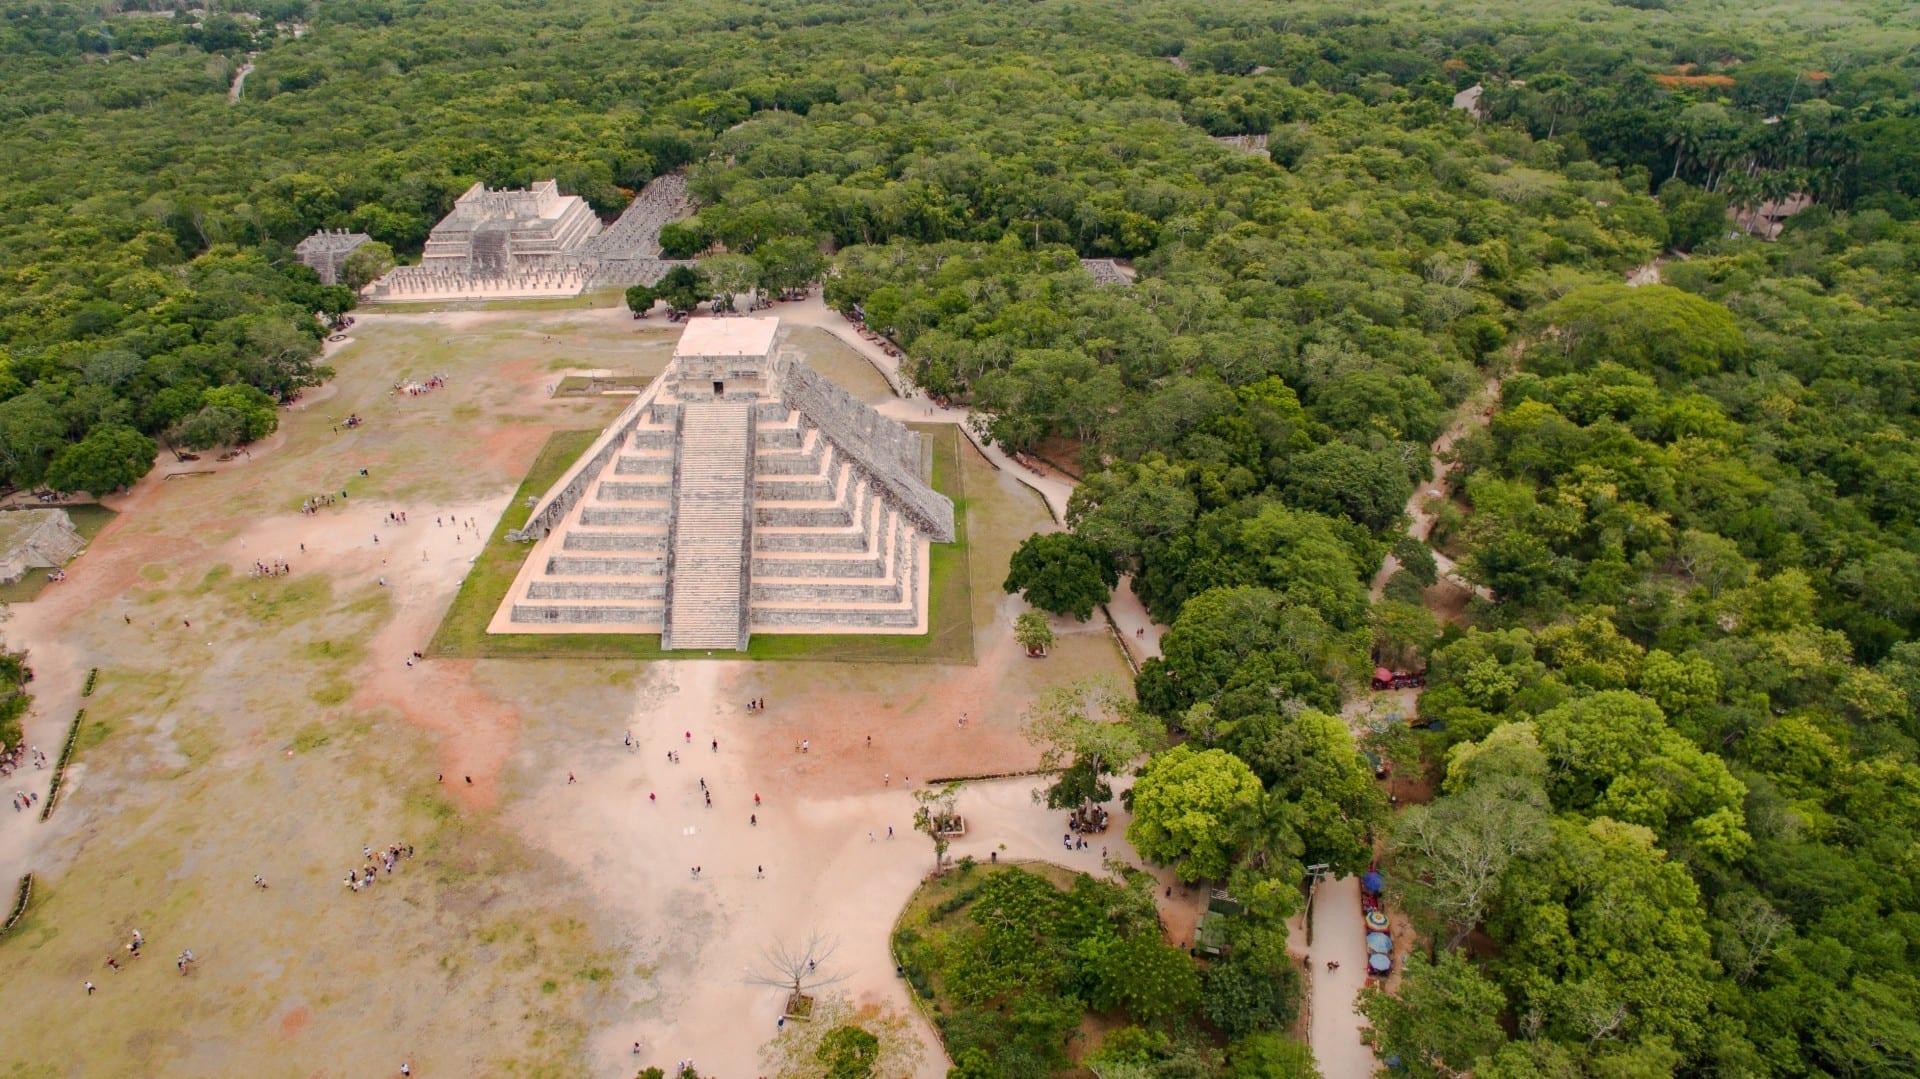 La Pirámide de Kukulcán o El Castillo - Chichen Itza Chichén-Itzá México